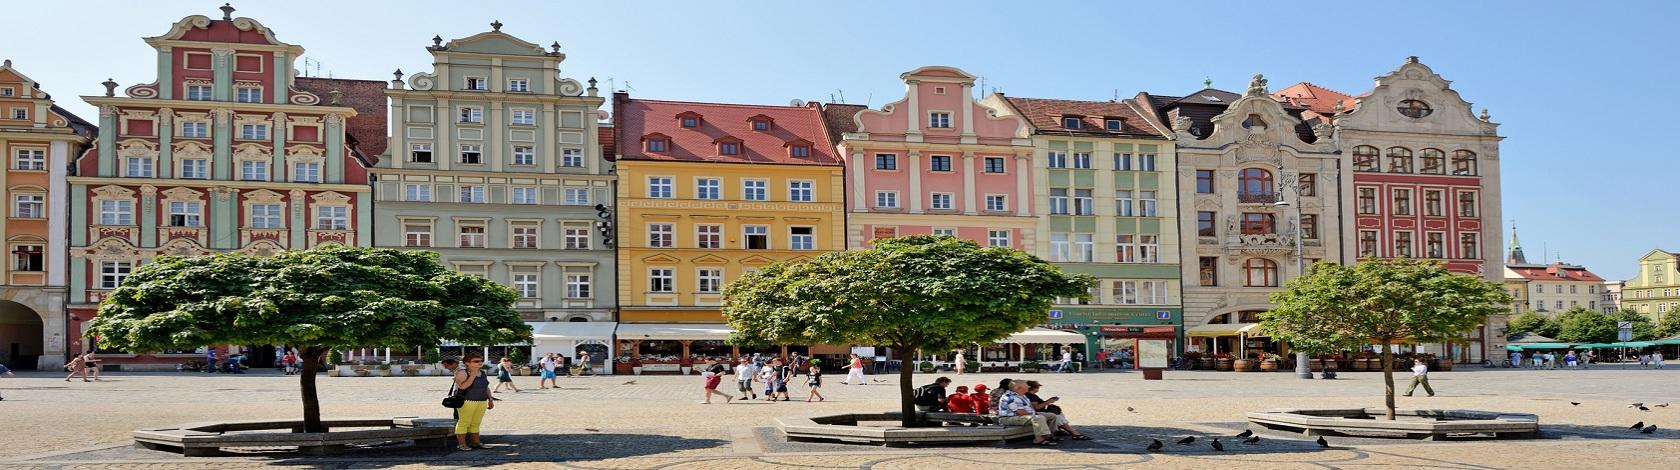 Przewodnik Miejski Wrocław